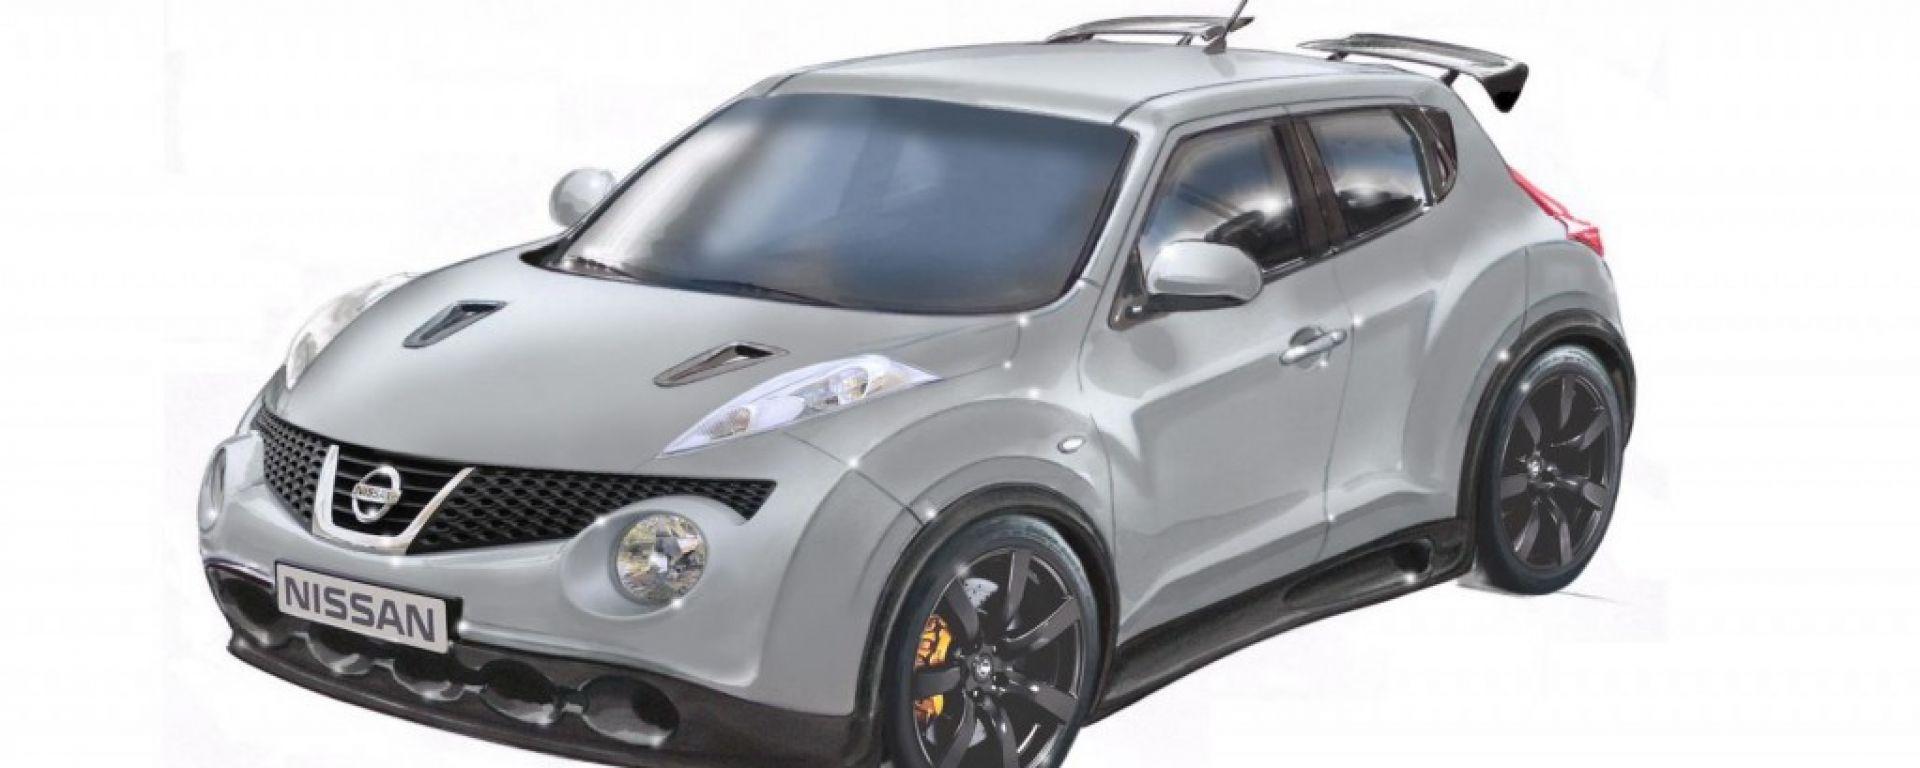 Nissan Juke-R, i bozzetti della versione di serie